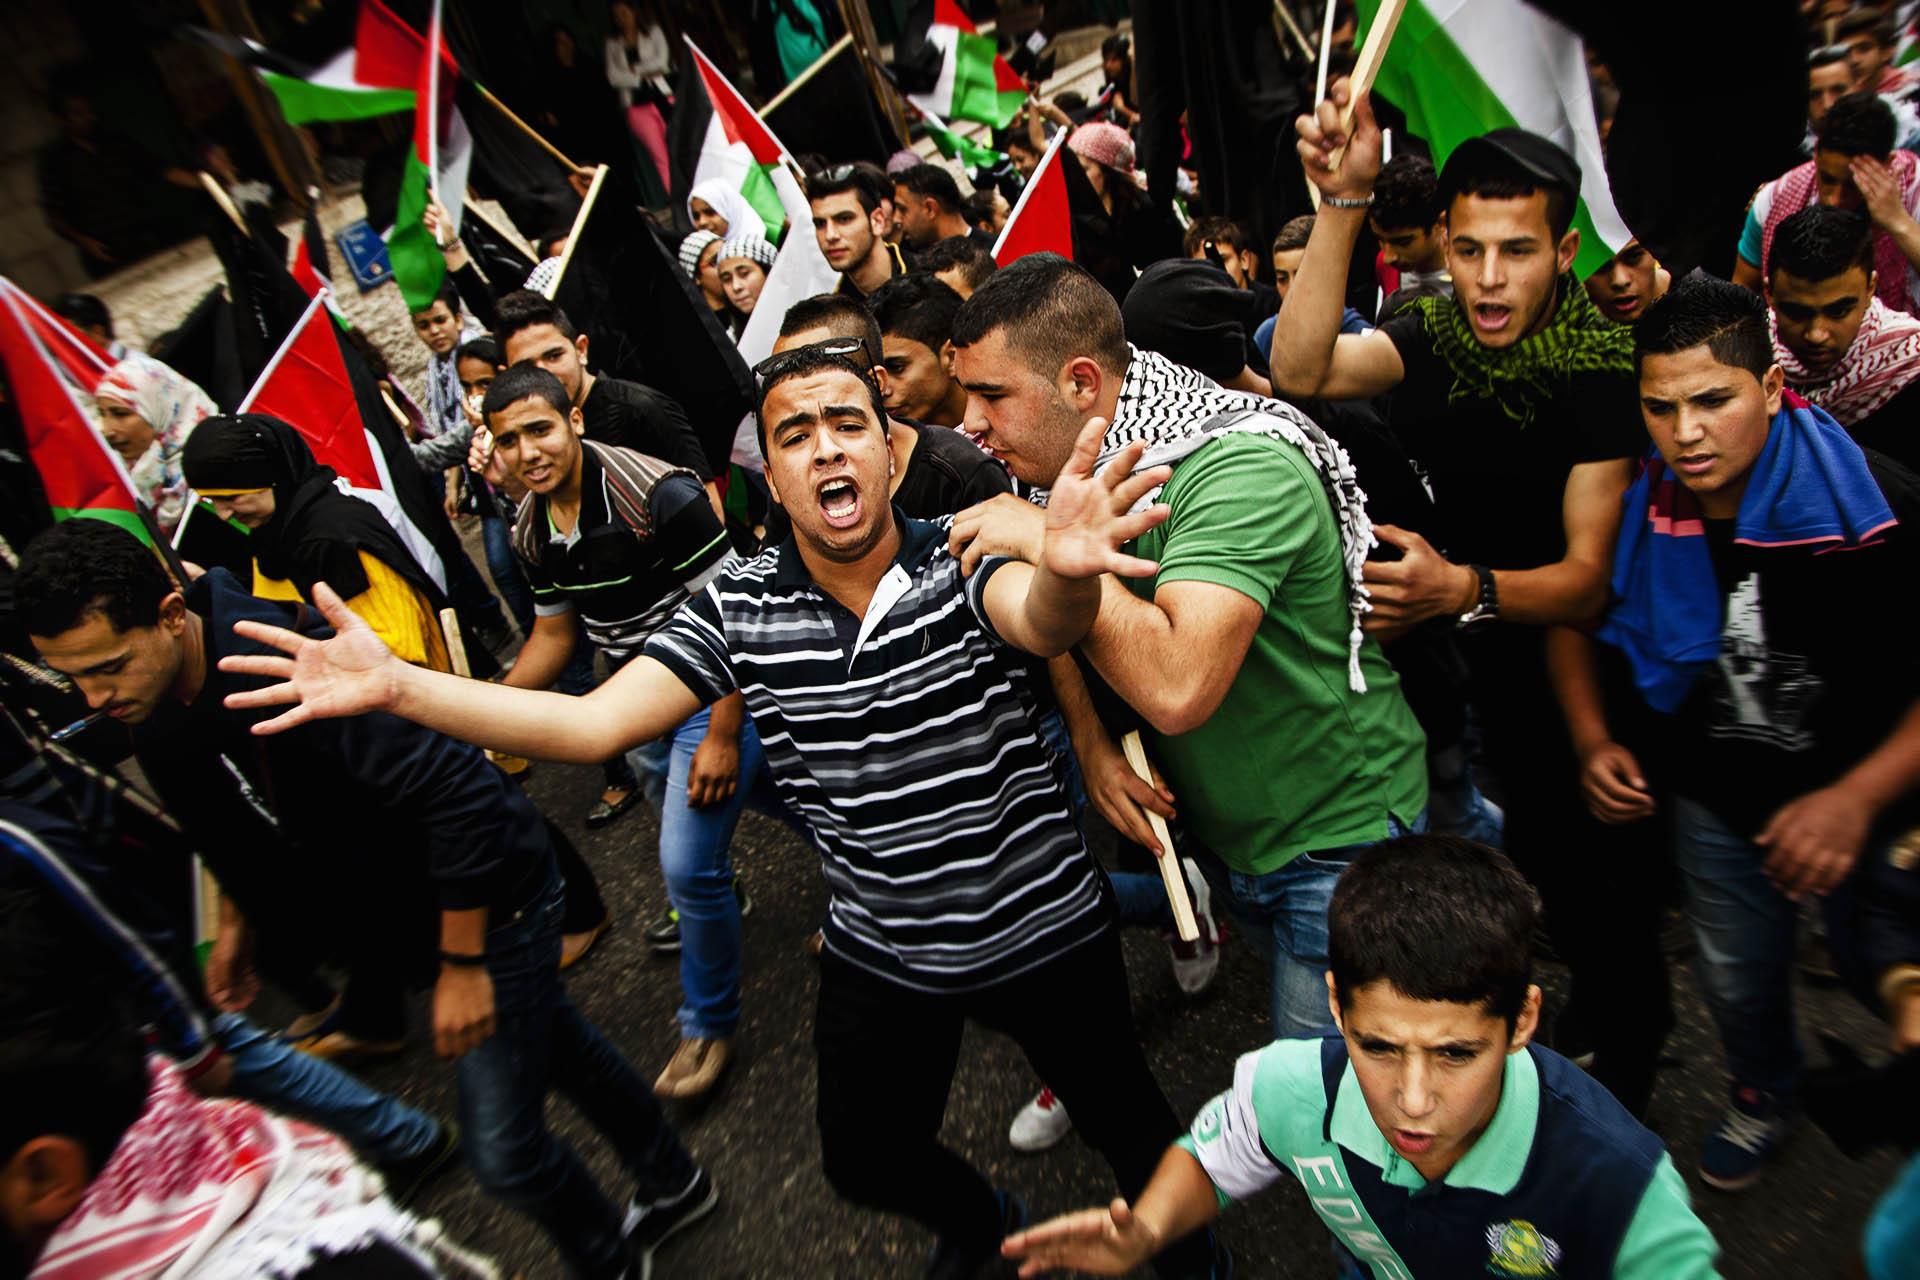 Las protestas son habituales en los Territorios Palestinos Ocupados...